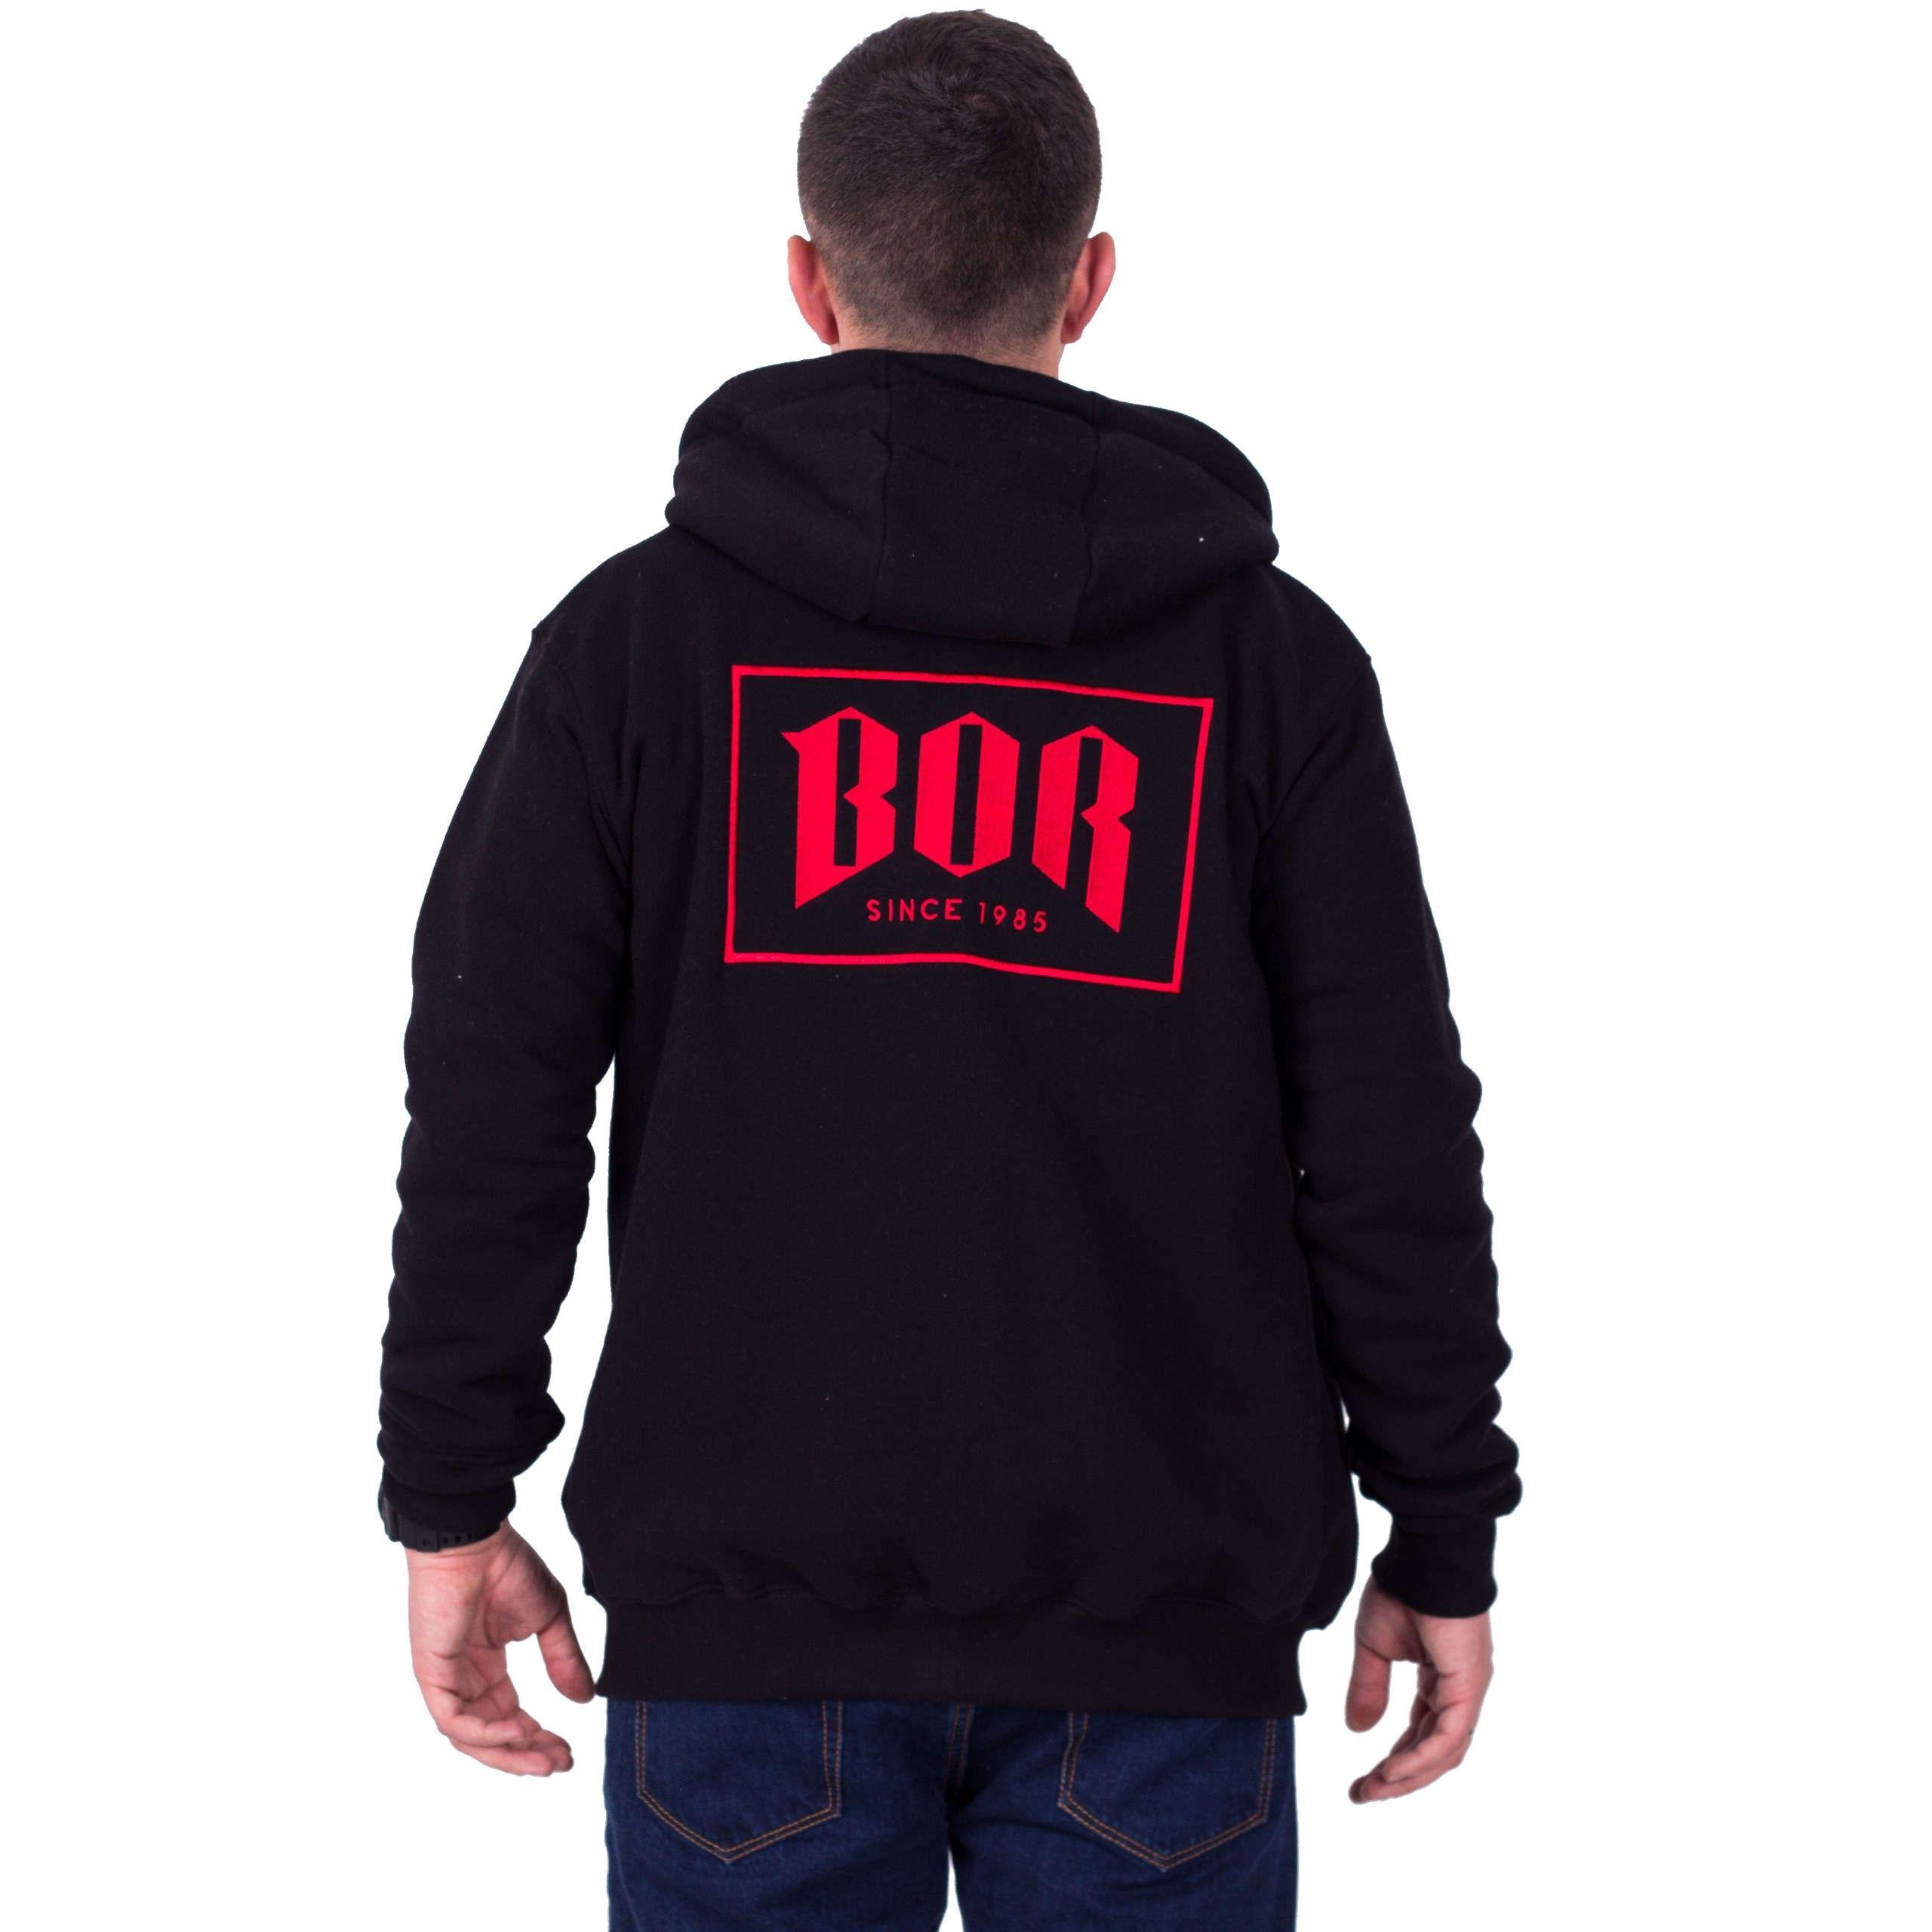 kup tanio outlet na sprzedaż najnowszy projekt Bluza BOR Zip Borcrew Black M - 7090119269 - oficjalne ...